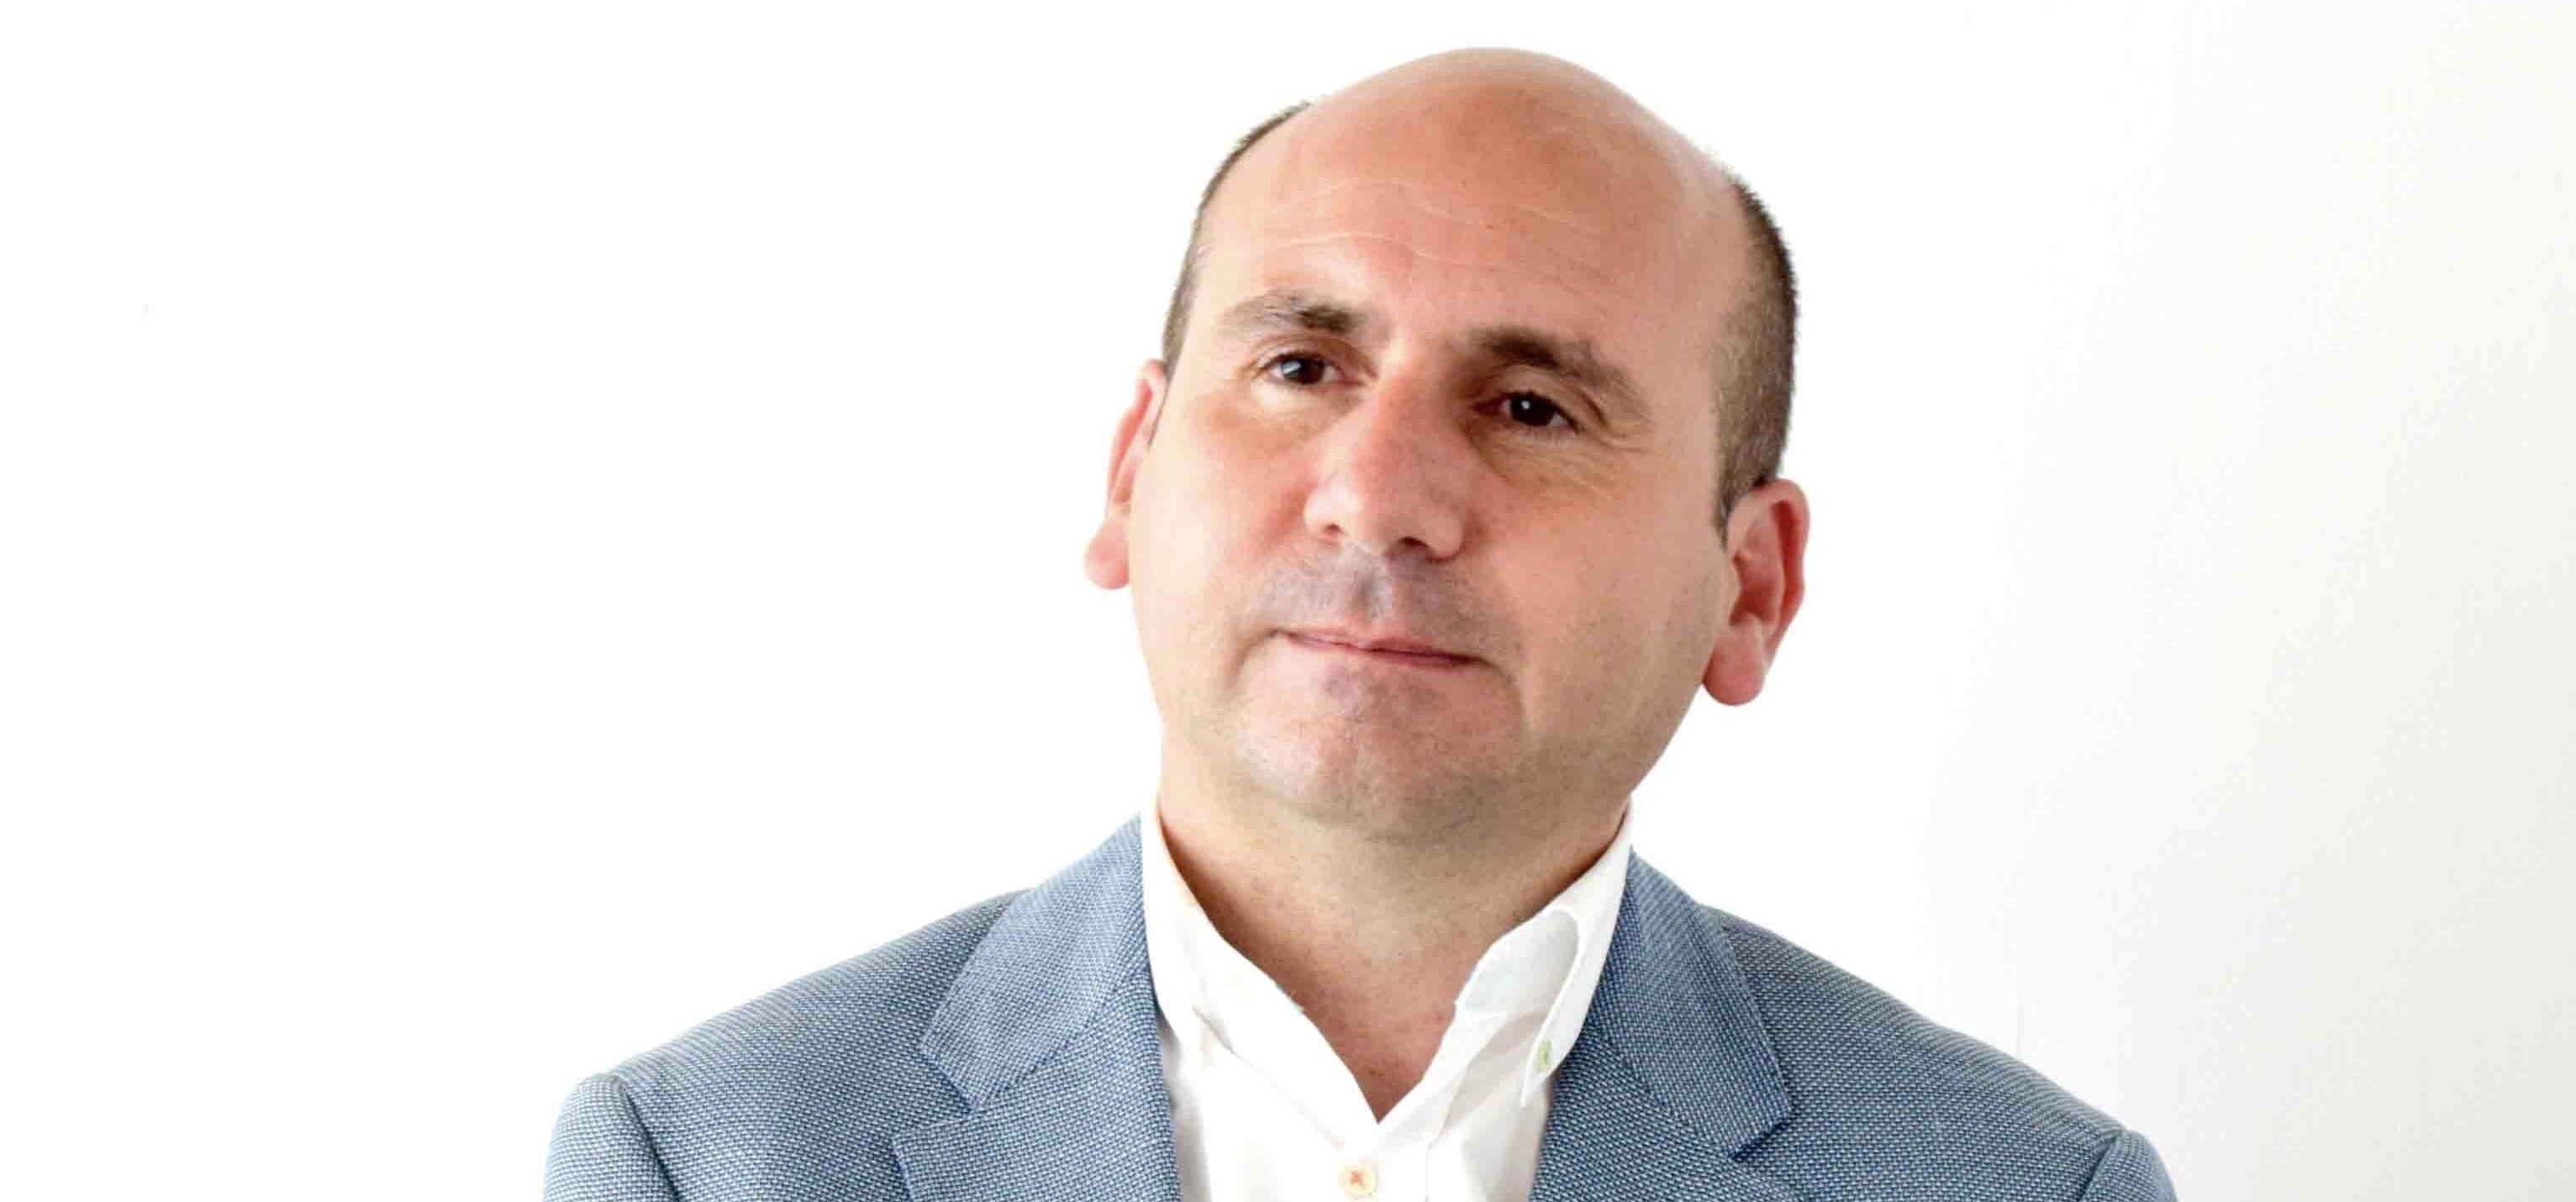 El portavoz socialista en la Comisión de la RTVA, Francisco Conejo, hace balance del primer año de la nueva dirección de Canal Sur.